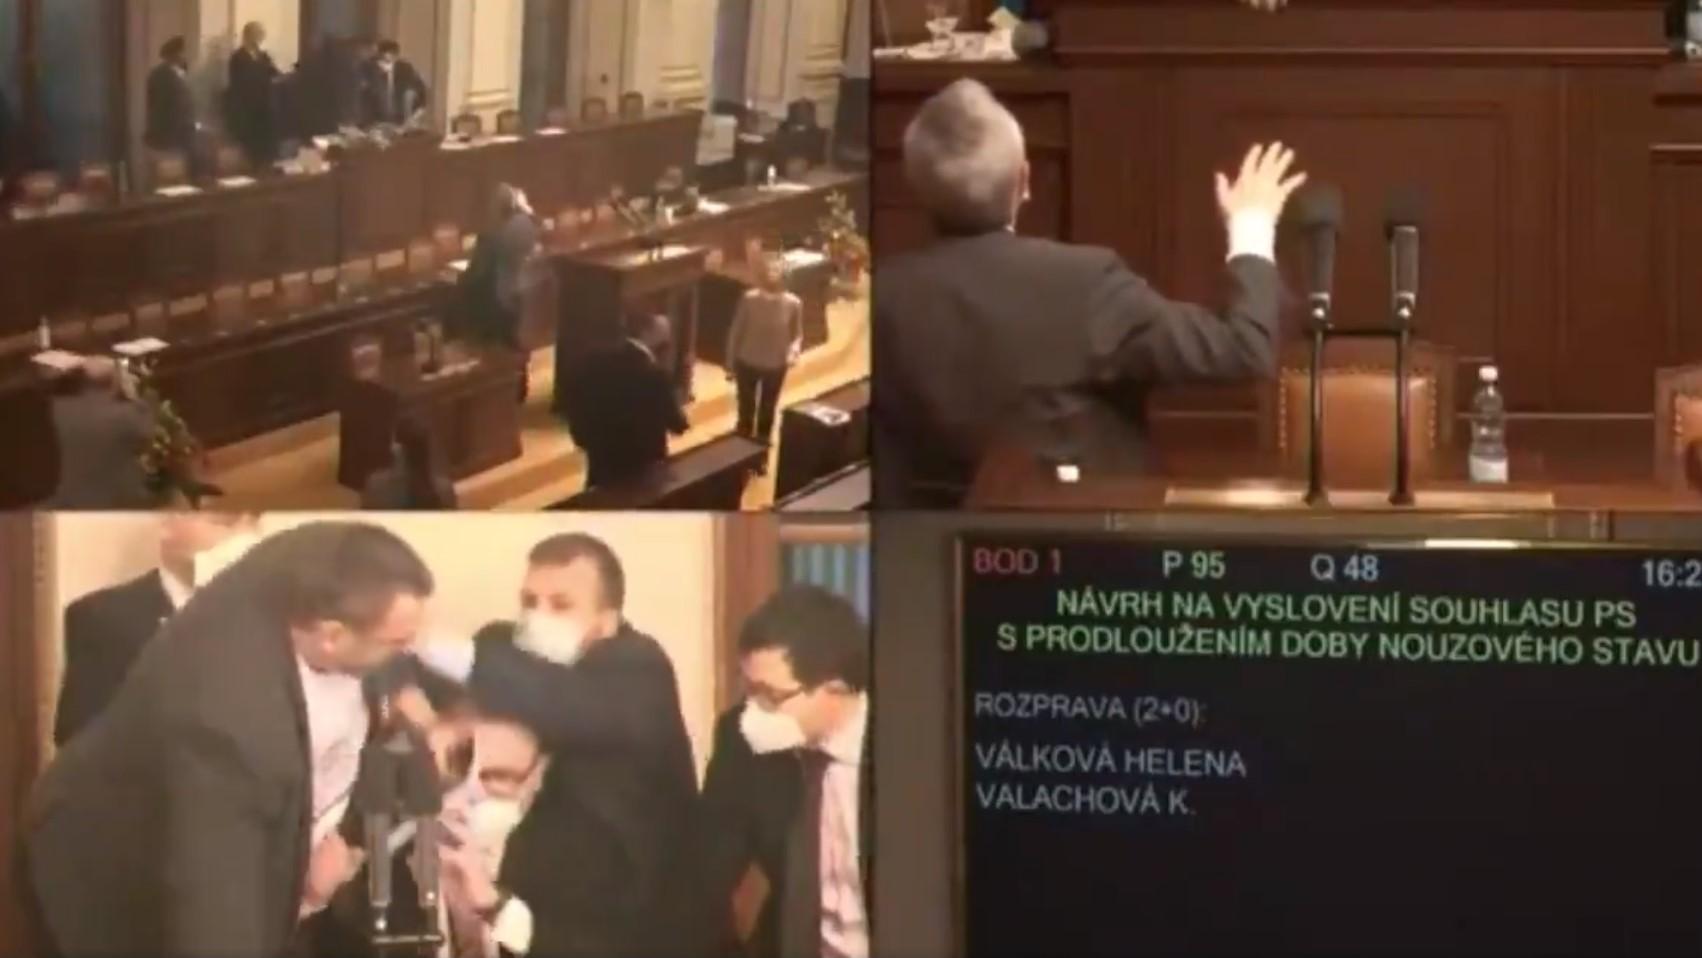 Dulakodás alakult ki a cseh parlamentben, miután egy képviselő maszk nélkül próbált felszólalni az elnöki pulpitusnál, a többiek meg megpróbálták elrángatni onnan